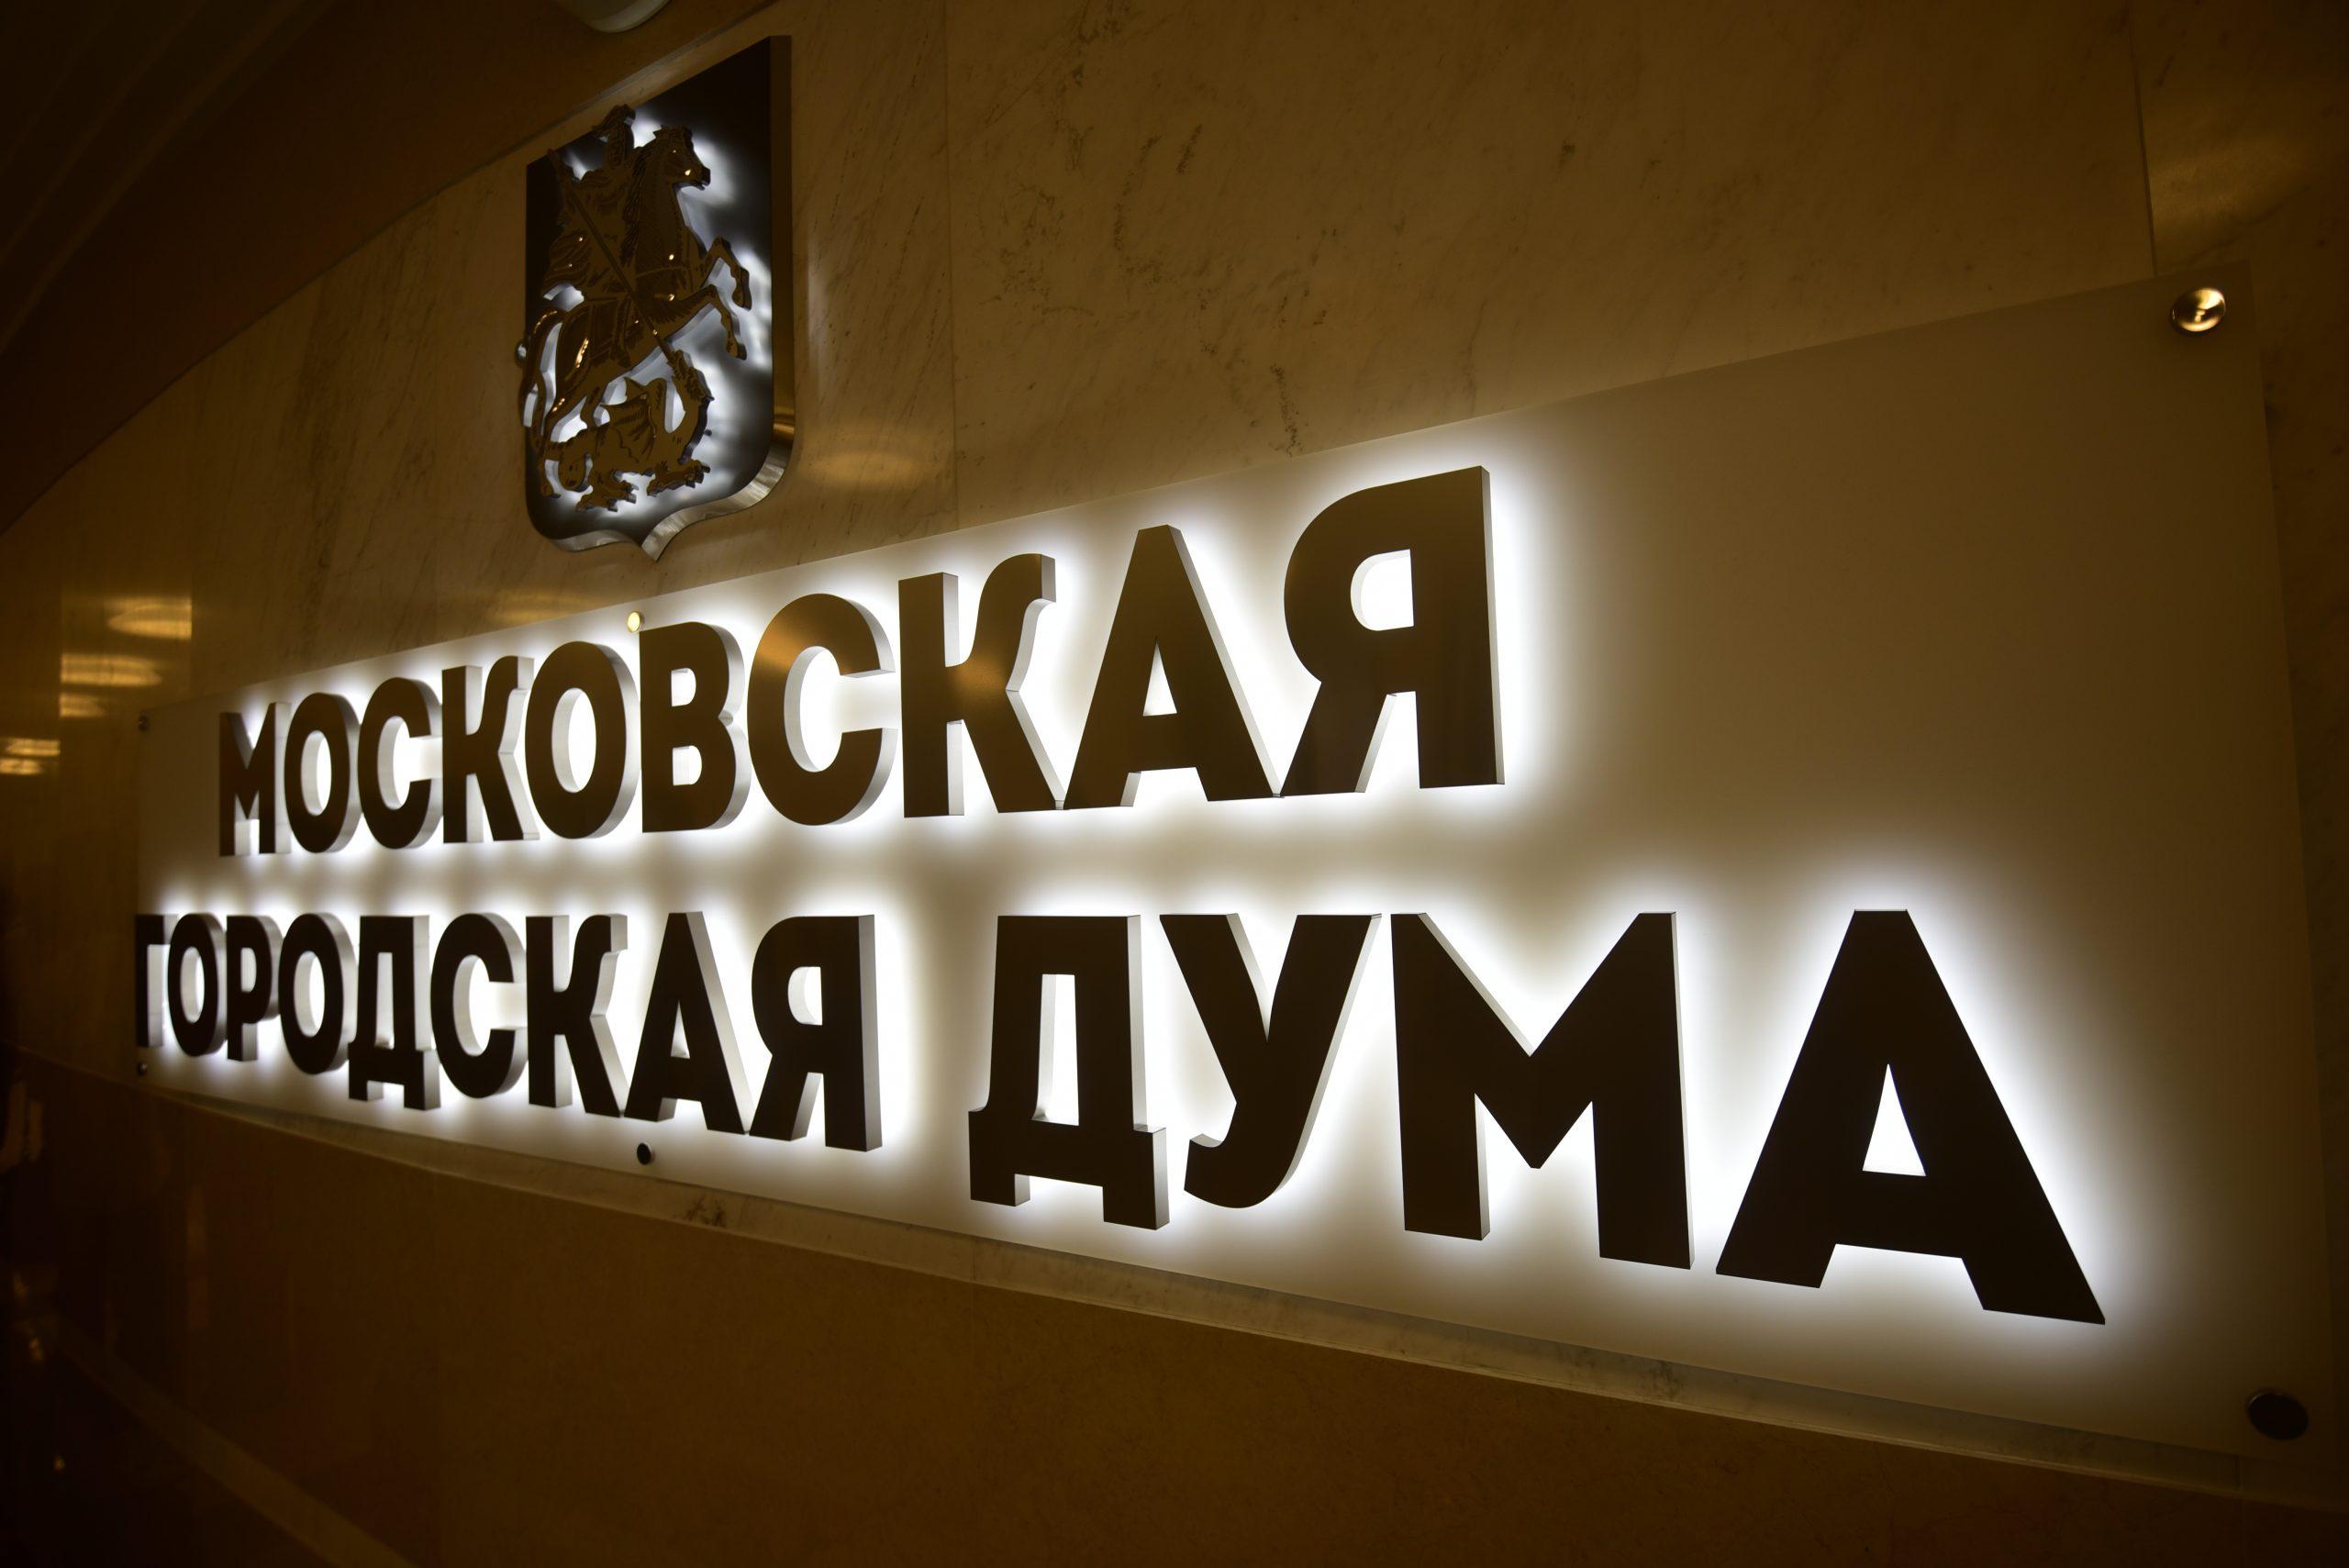 Депутат МГД Елена Николаева: Соучаствующее проектирование помогает формировать новое поколение активных граждан